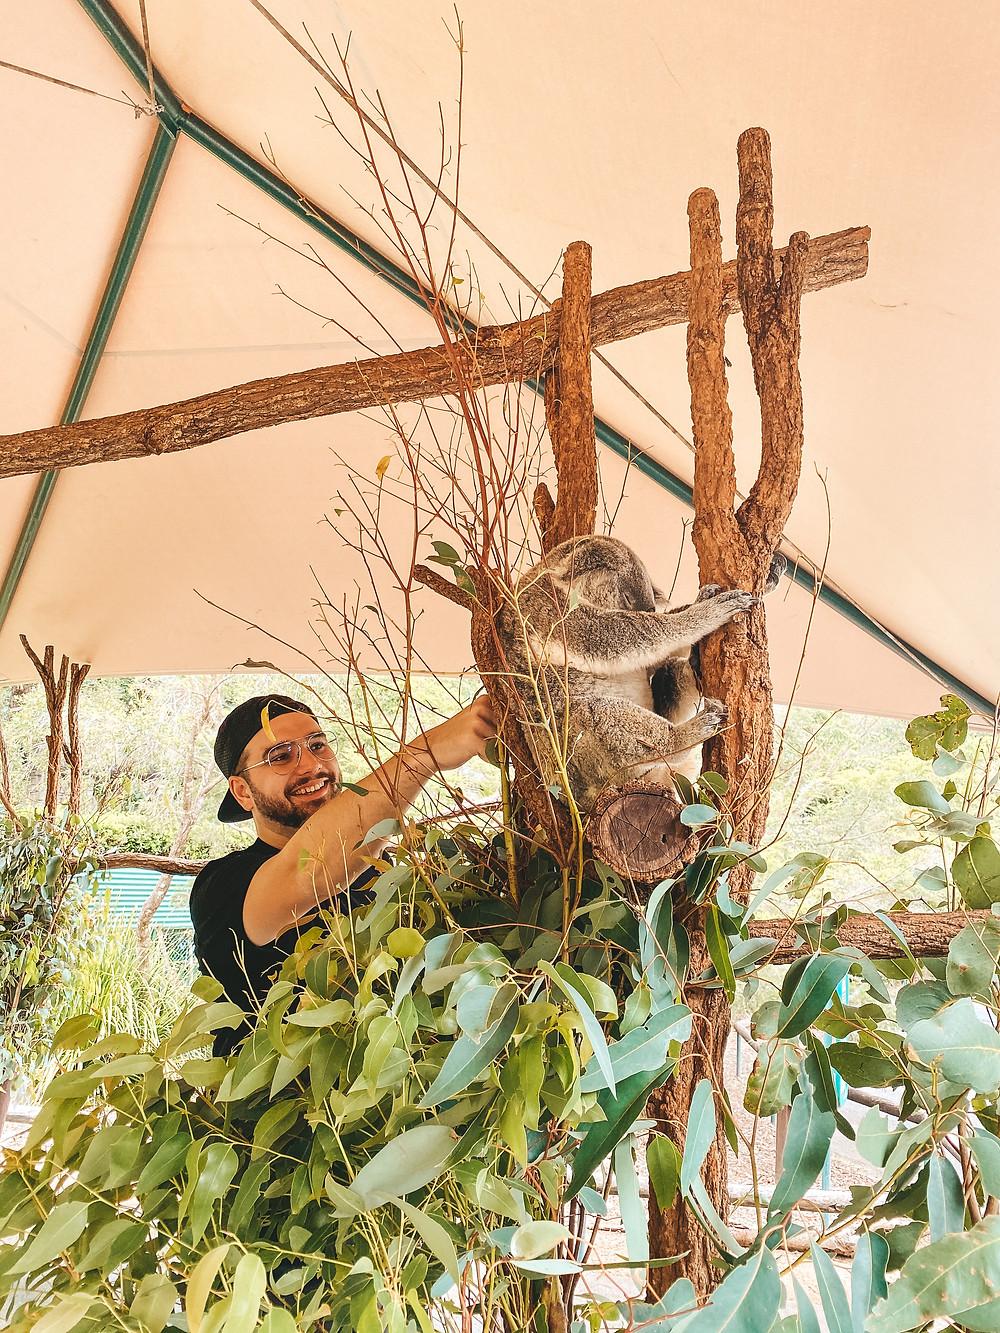 Koala encounter, Koala patting, Australia Zoo